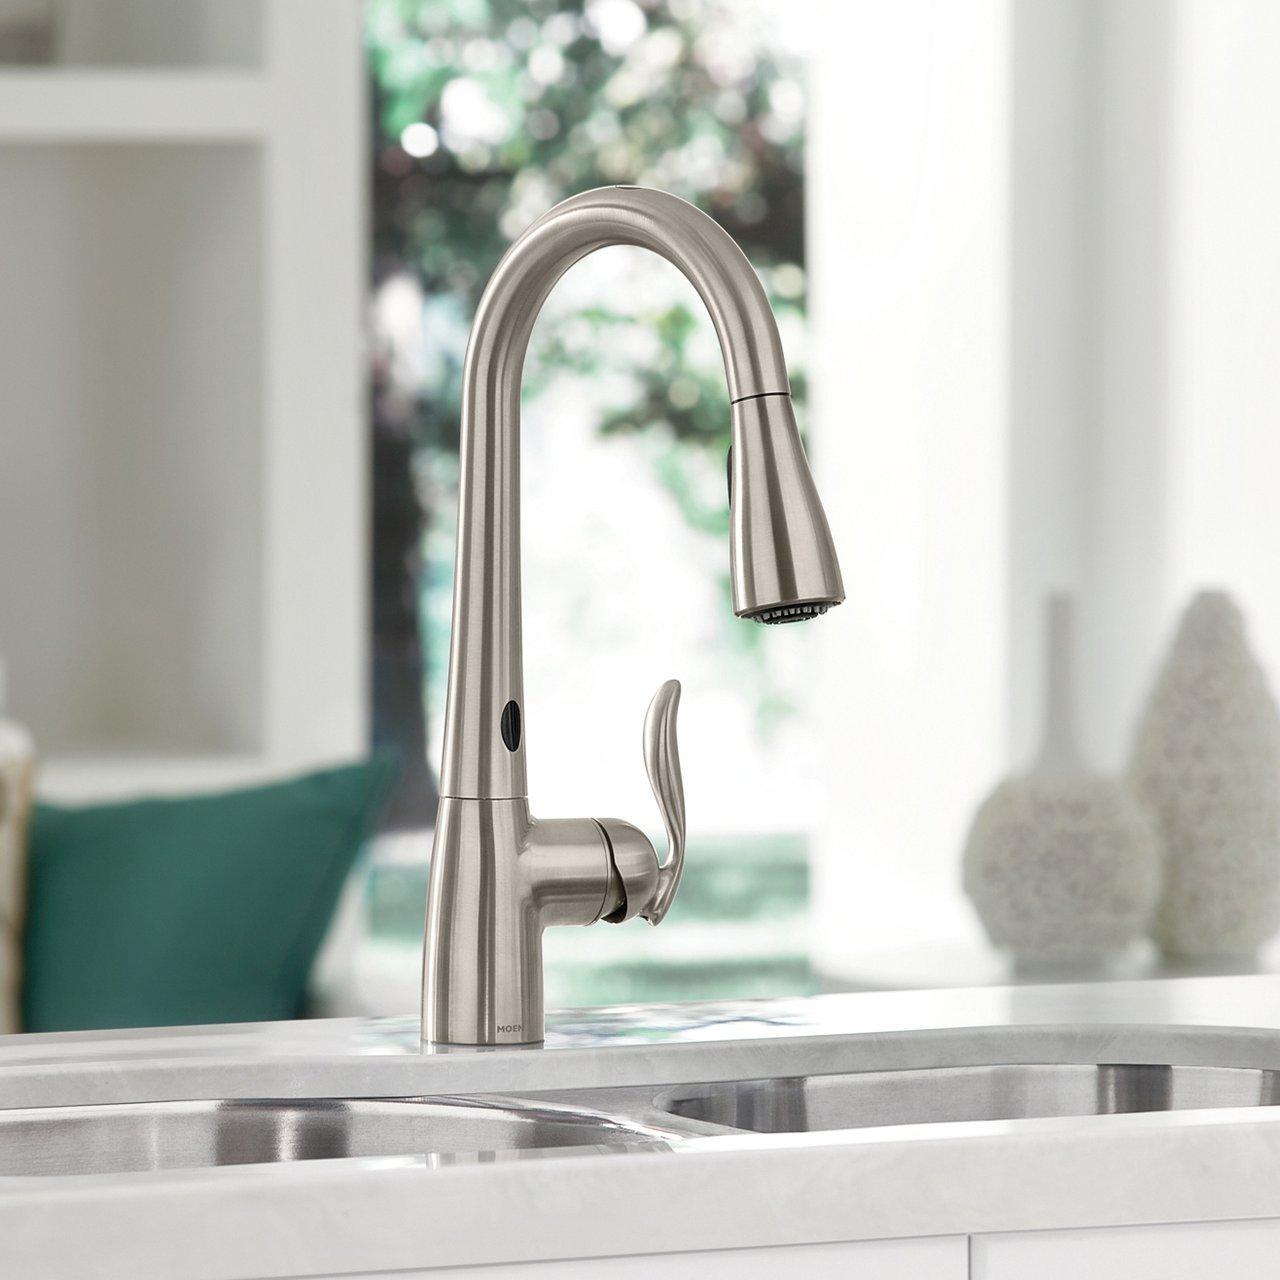 Motionsense Kitchen Faucet: Moen Arbor Motionsense Touchless Faucet » Petagadget